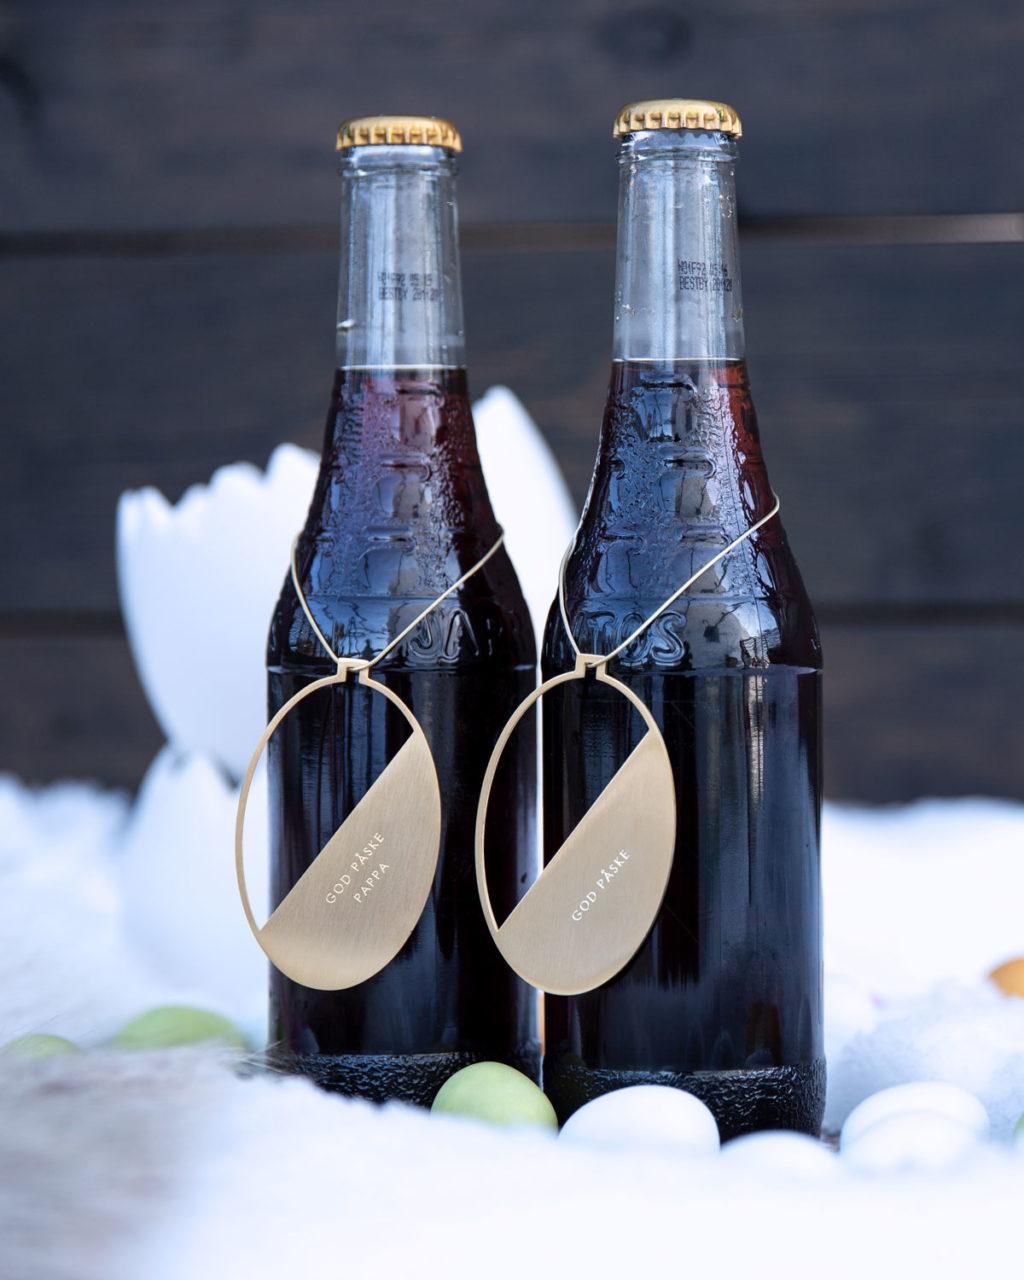 Påskepynt på flasker